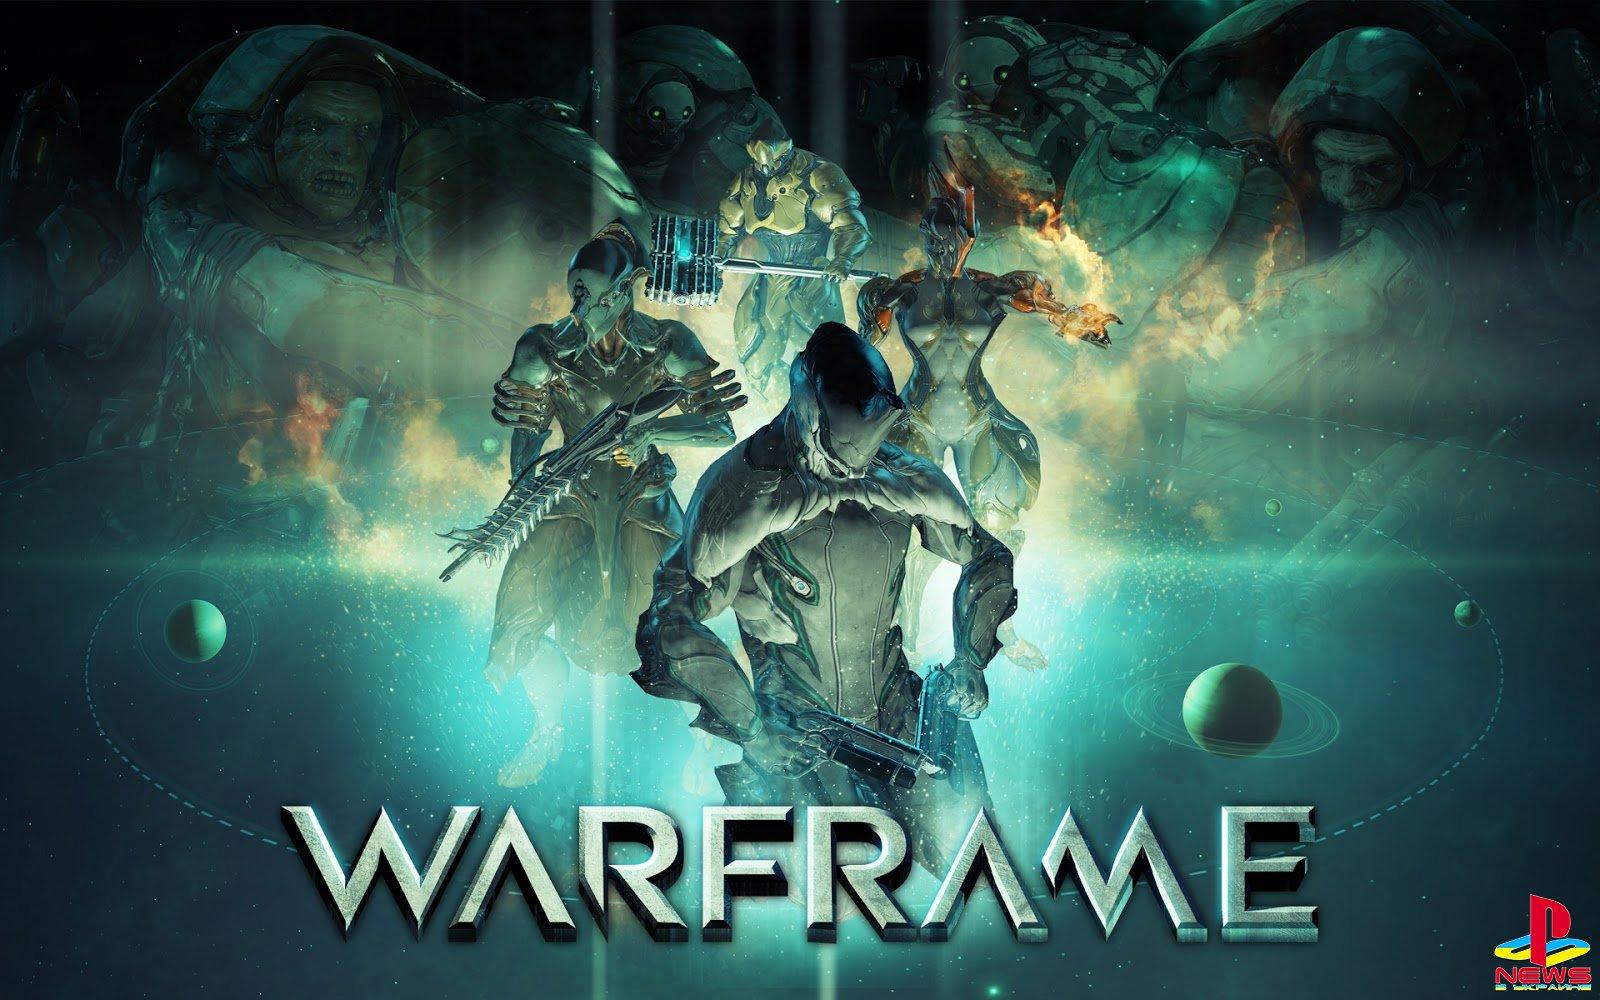 Количество загрузок Warframe на PlayStation 4 превысило 2 млн., Sony обещает больше f2p игр